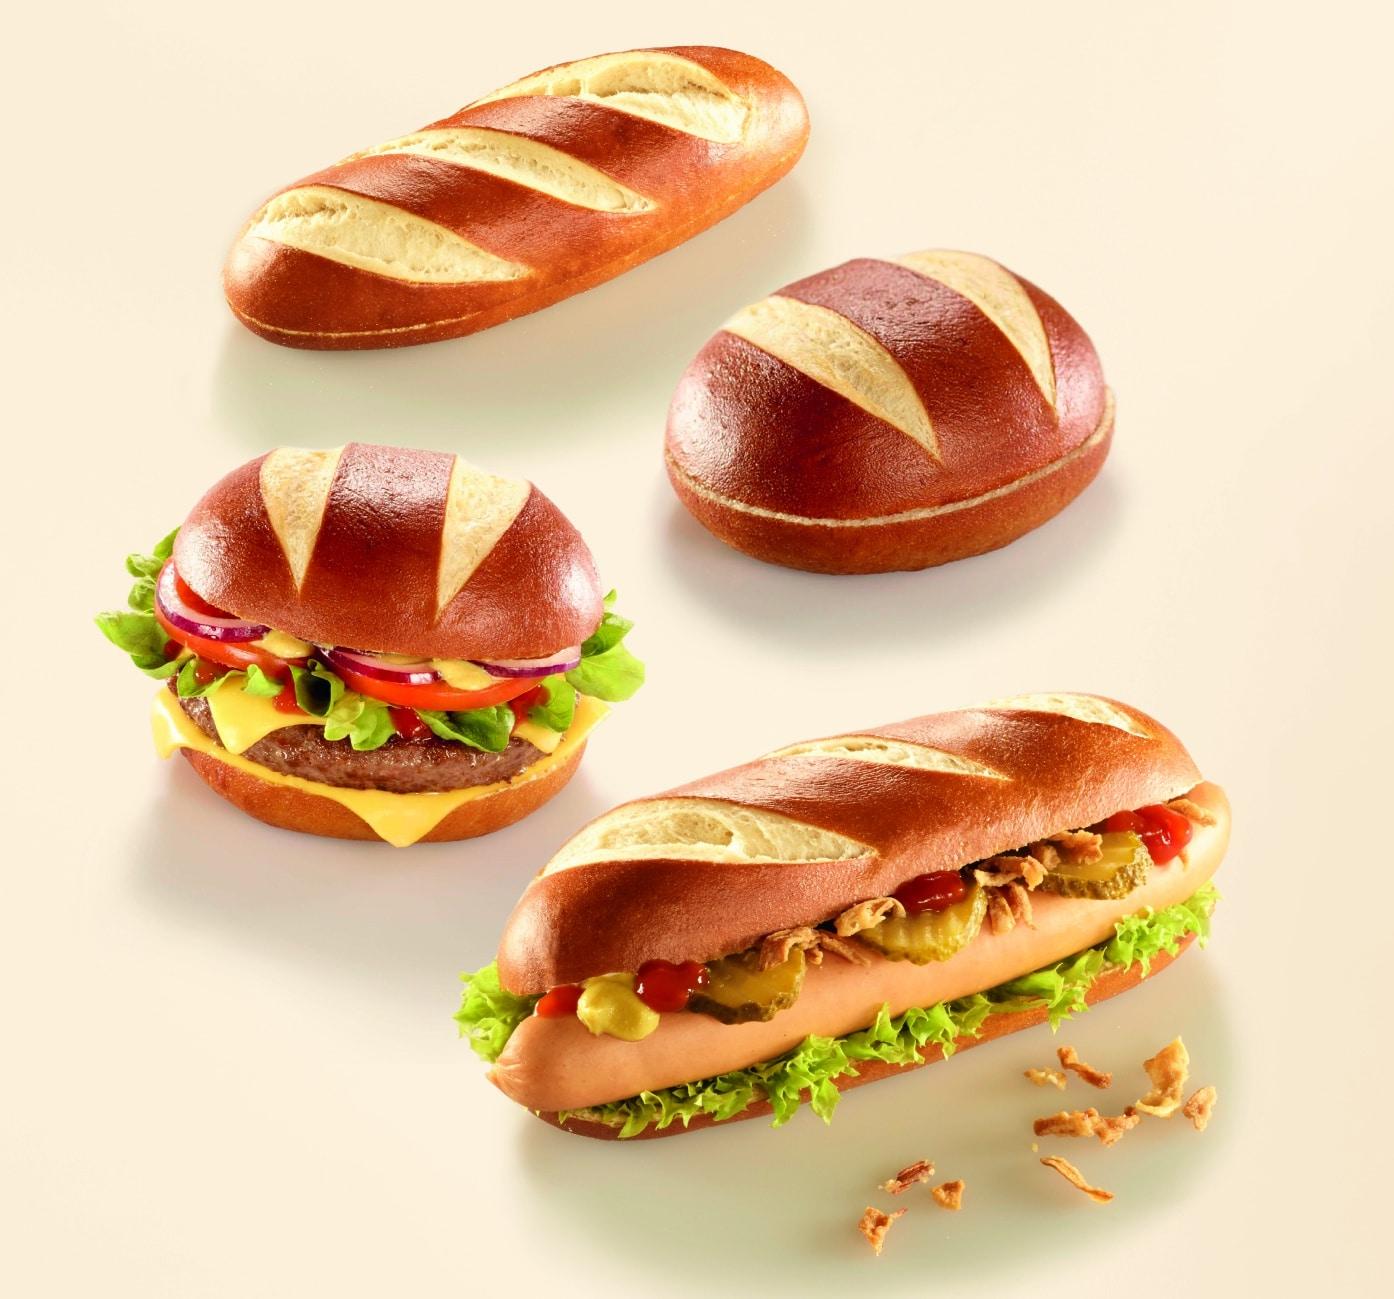 59x55mm Burger Hotdog 2